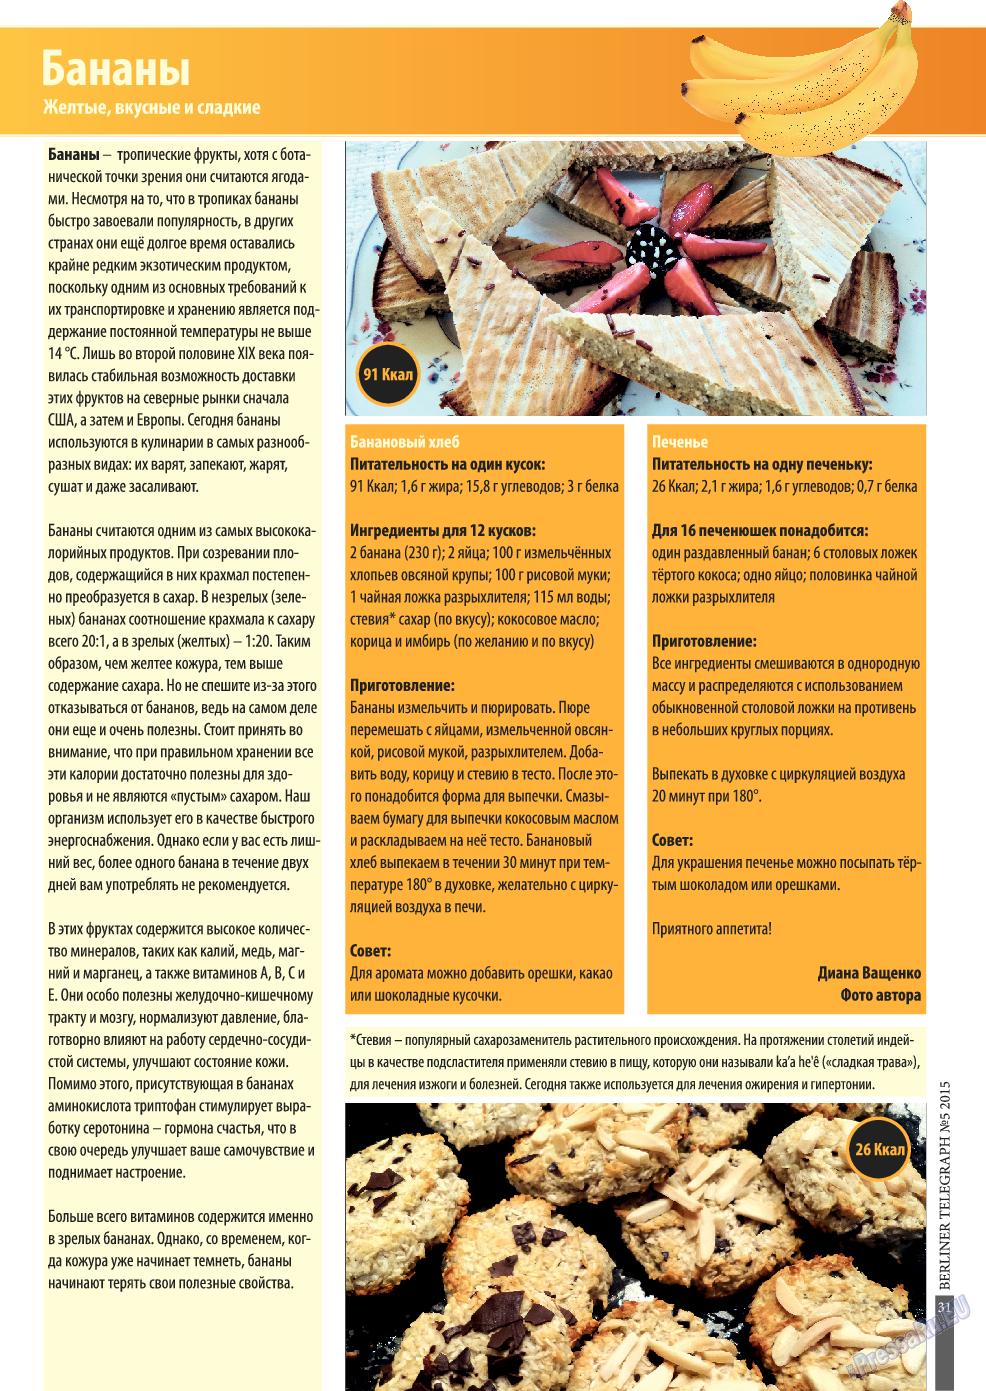 Берлинский телеграф (журнал). 2015 год, номер 5, стр. 31